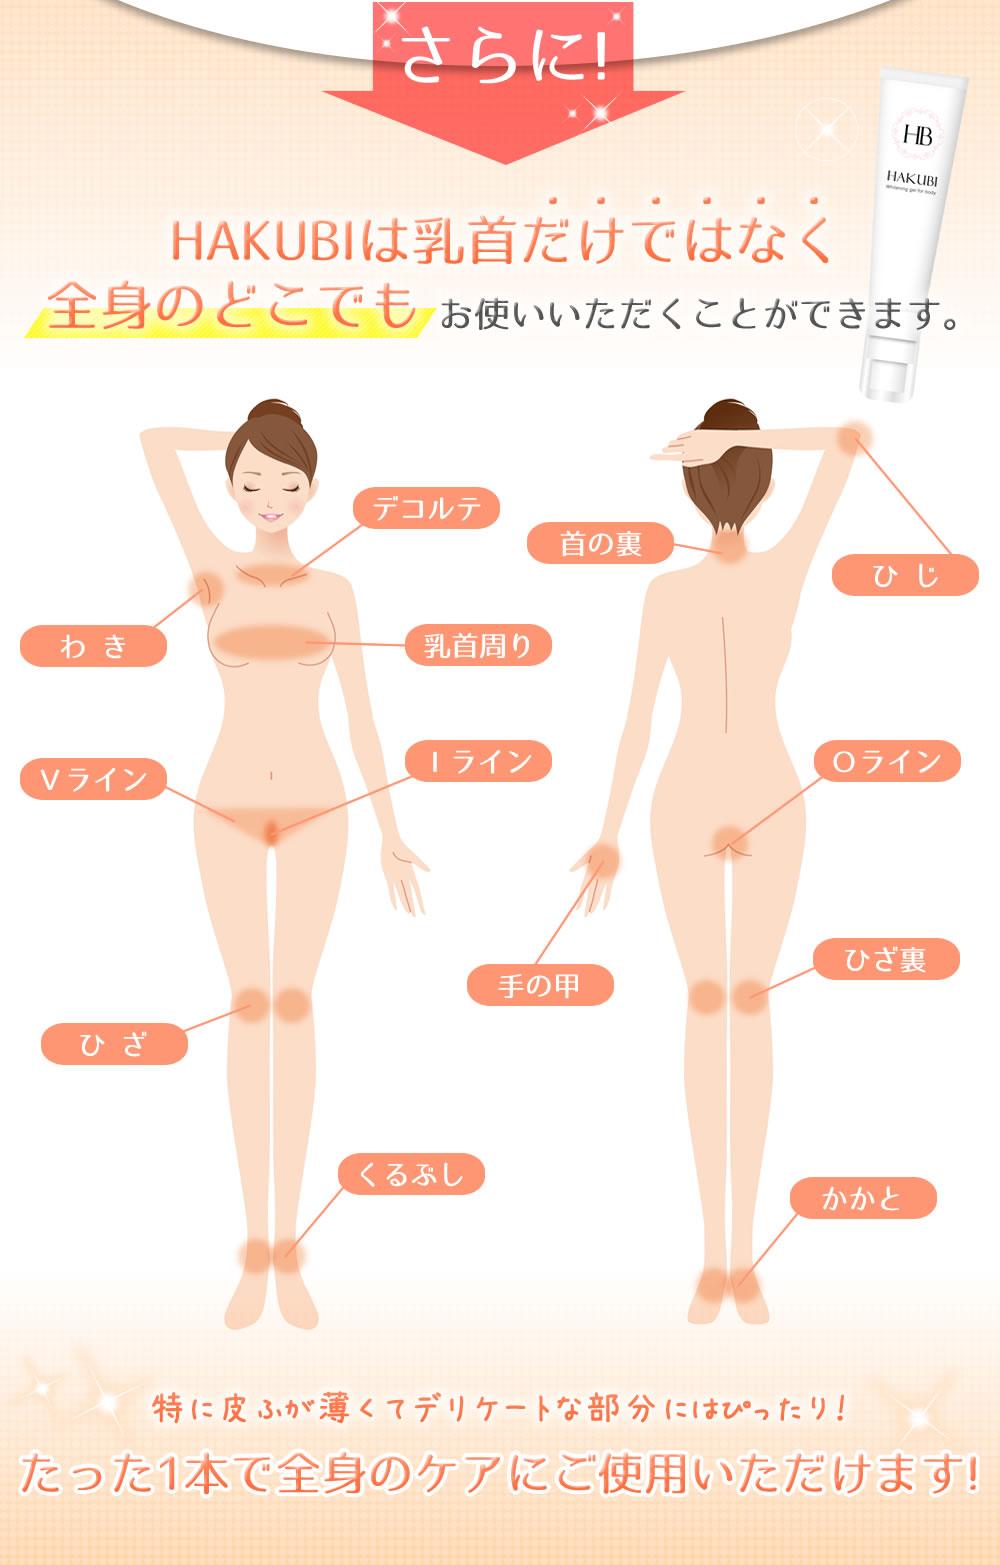 さらに!HAKUBIは乳首だけではなく全身のどこでもお使いいただくことができます。 たった1本で全身のケアにご使用いただけます!